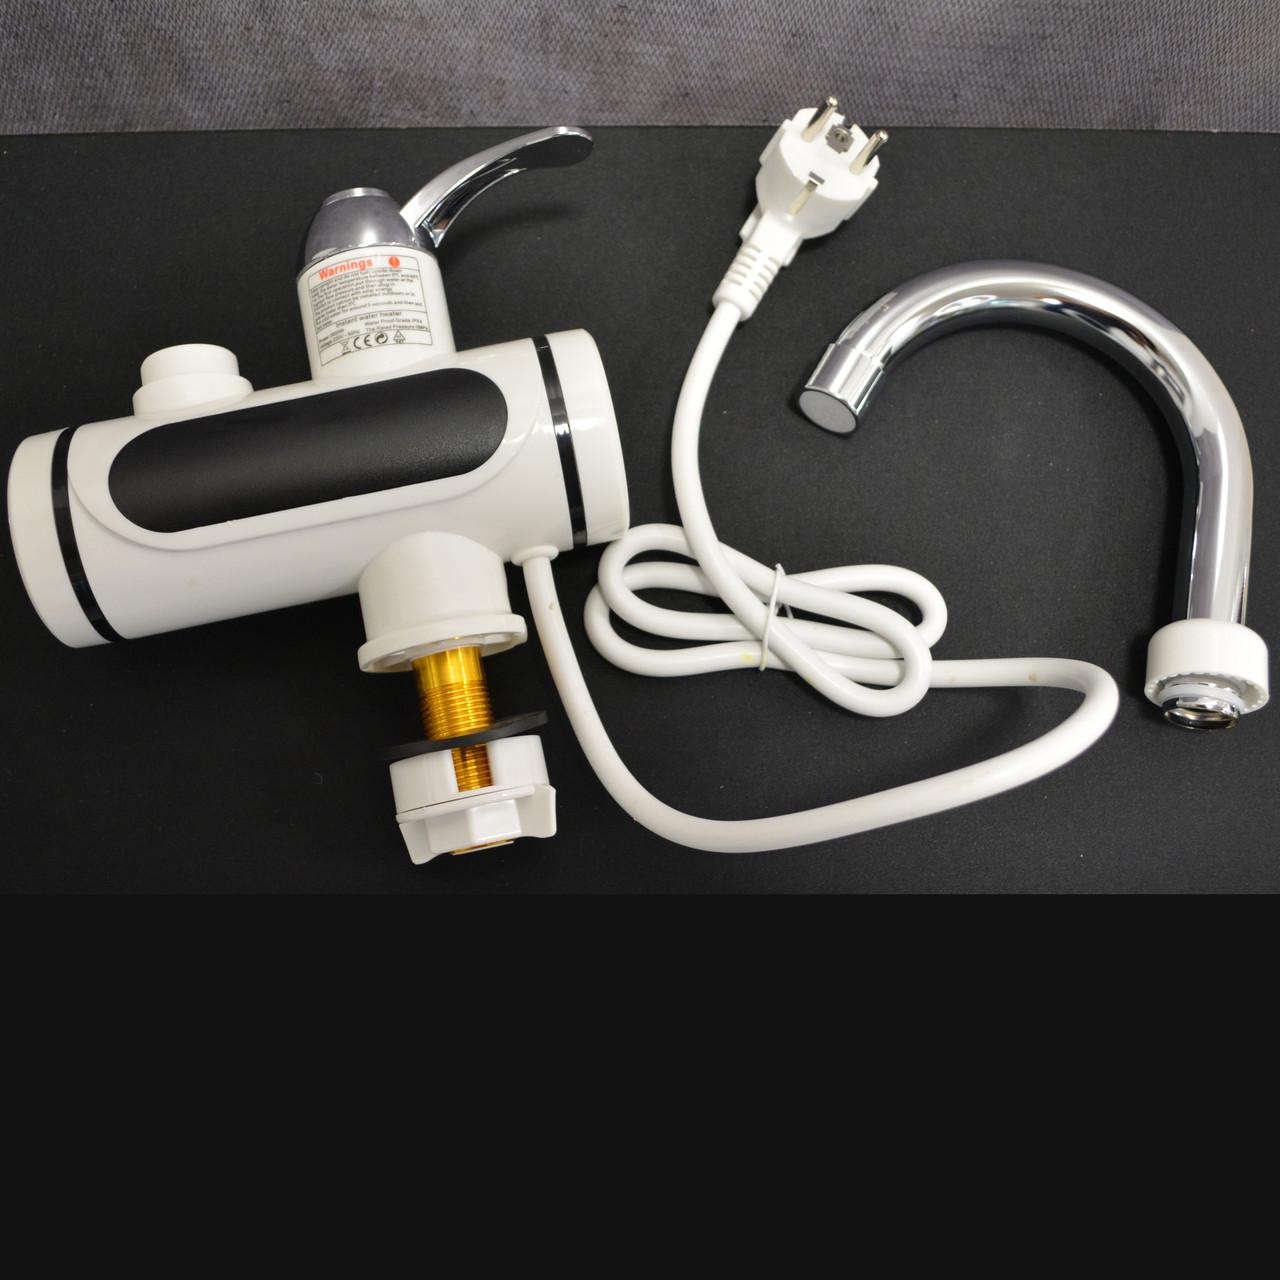 Проточный электрический водонагреватель c душем и дисплеем Instant Electric Heating Water Faucet - фото 5